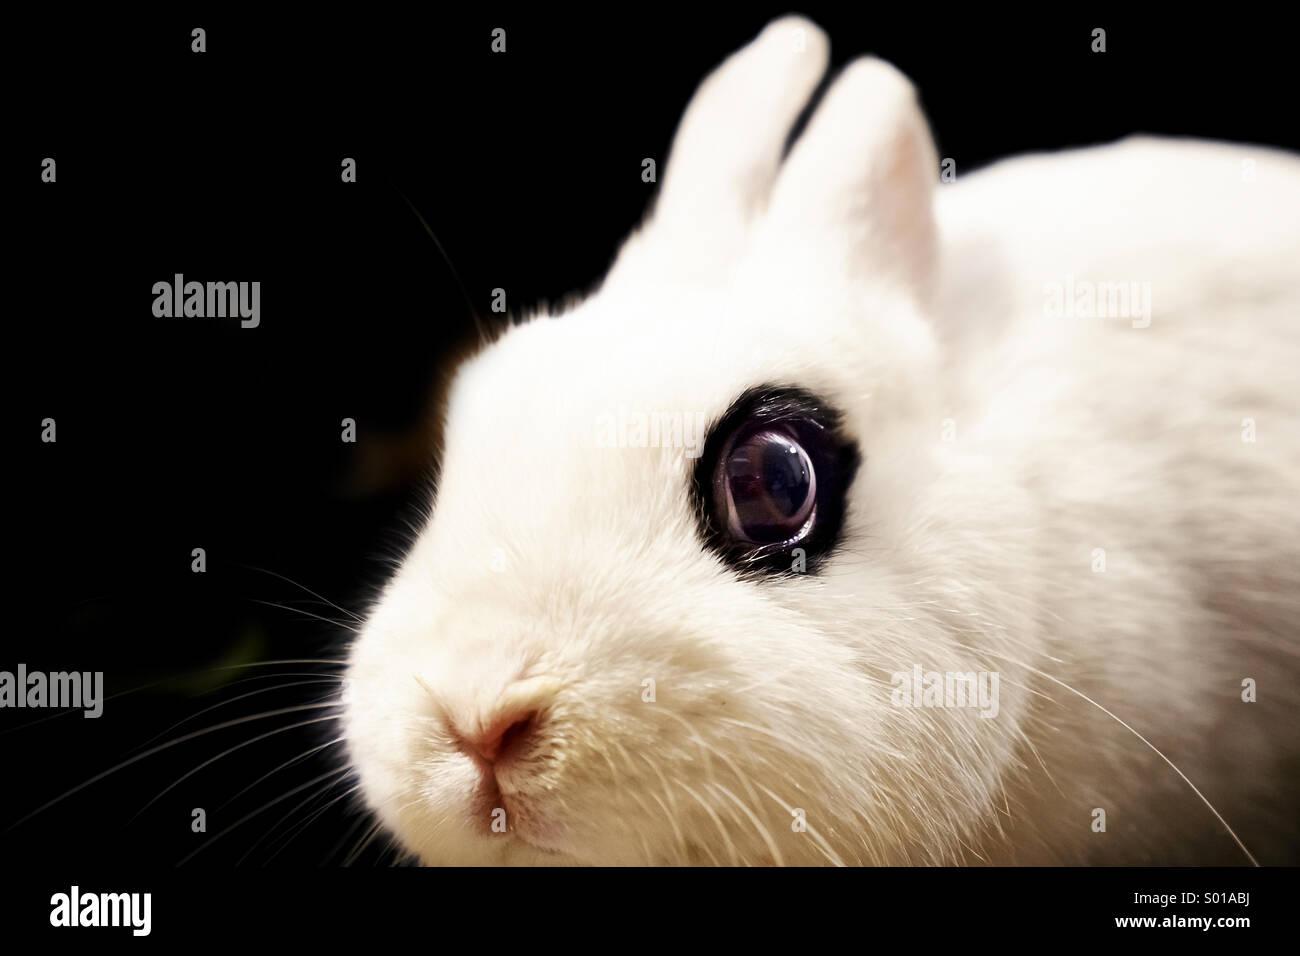 Conejo blanco cerrar Imagen De Stock